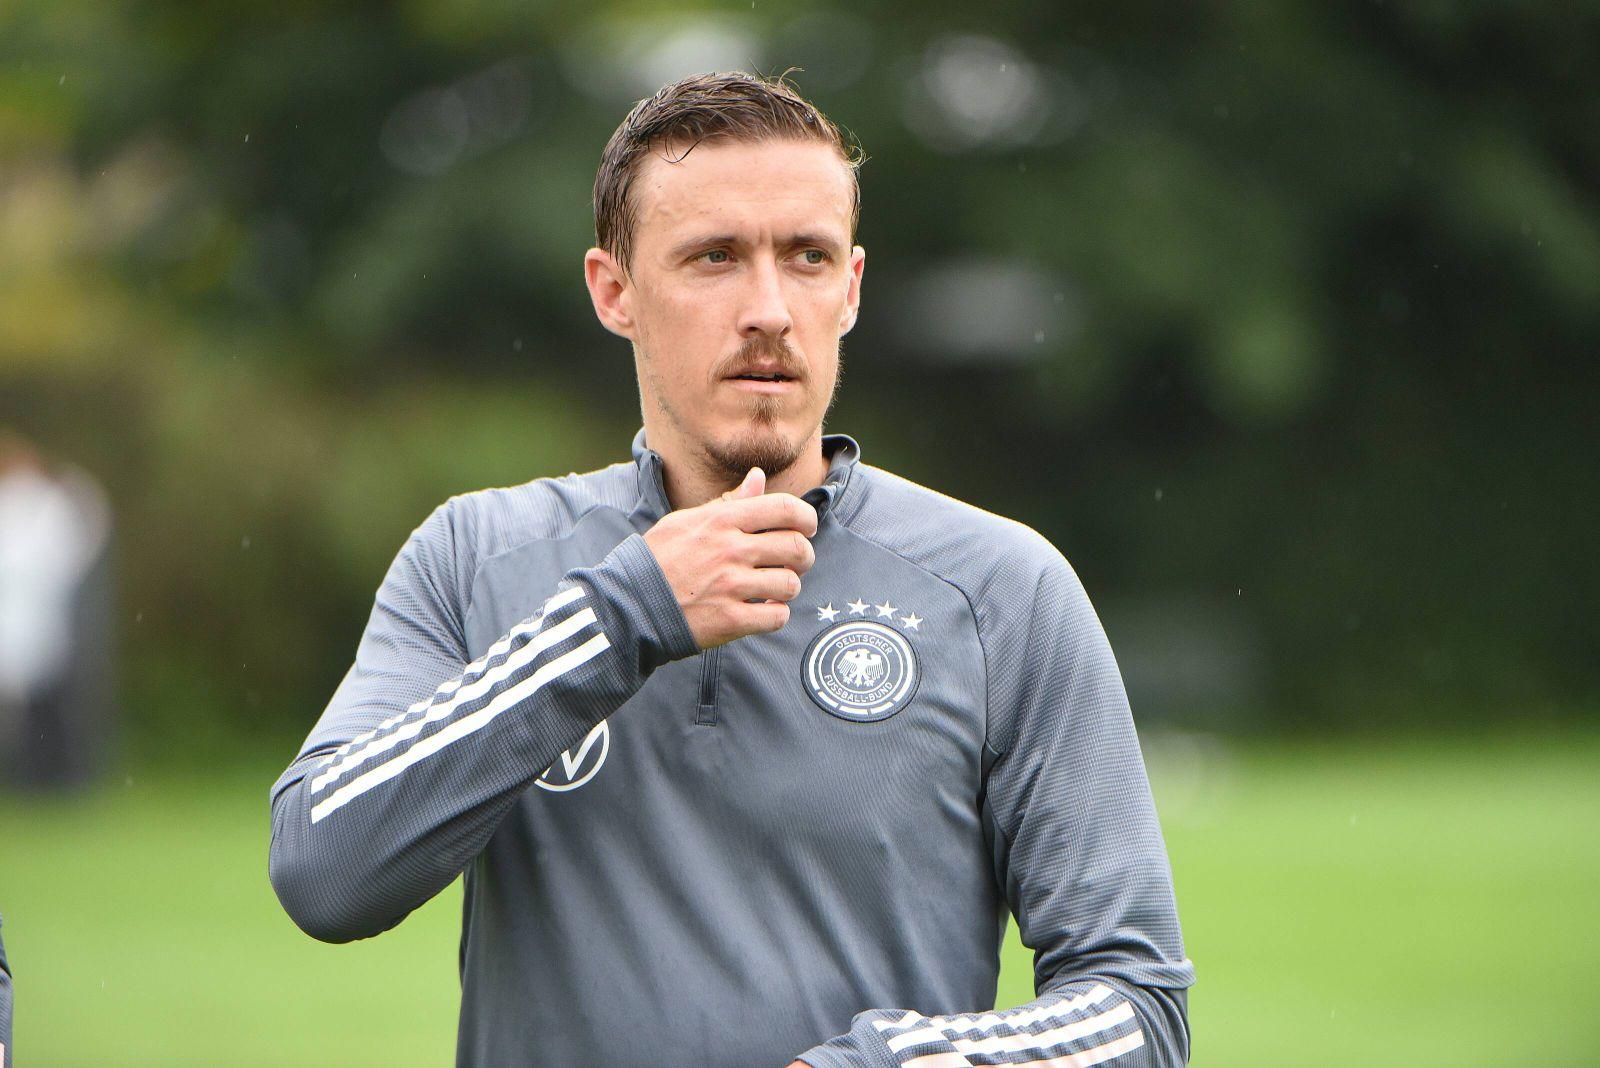 13.07.2021 Frankfurt am Main, Deutsche Bank Park Fussball, Olympische Spiele Abschlusstraining des TEAM D Fußball vor de